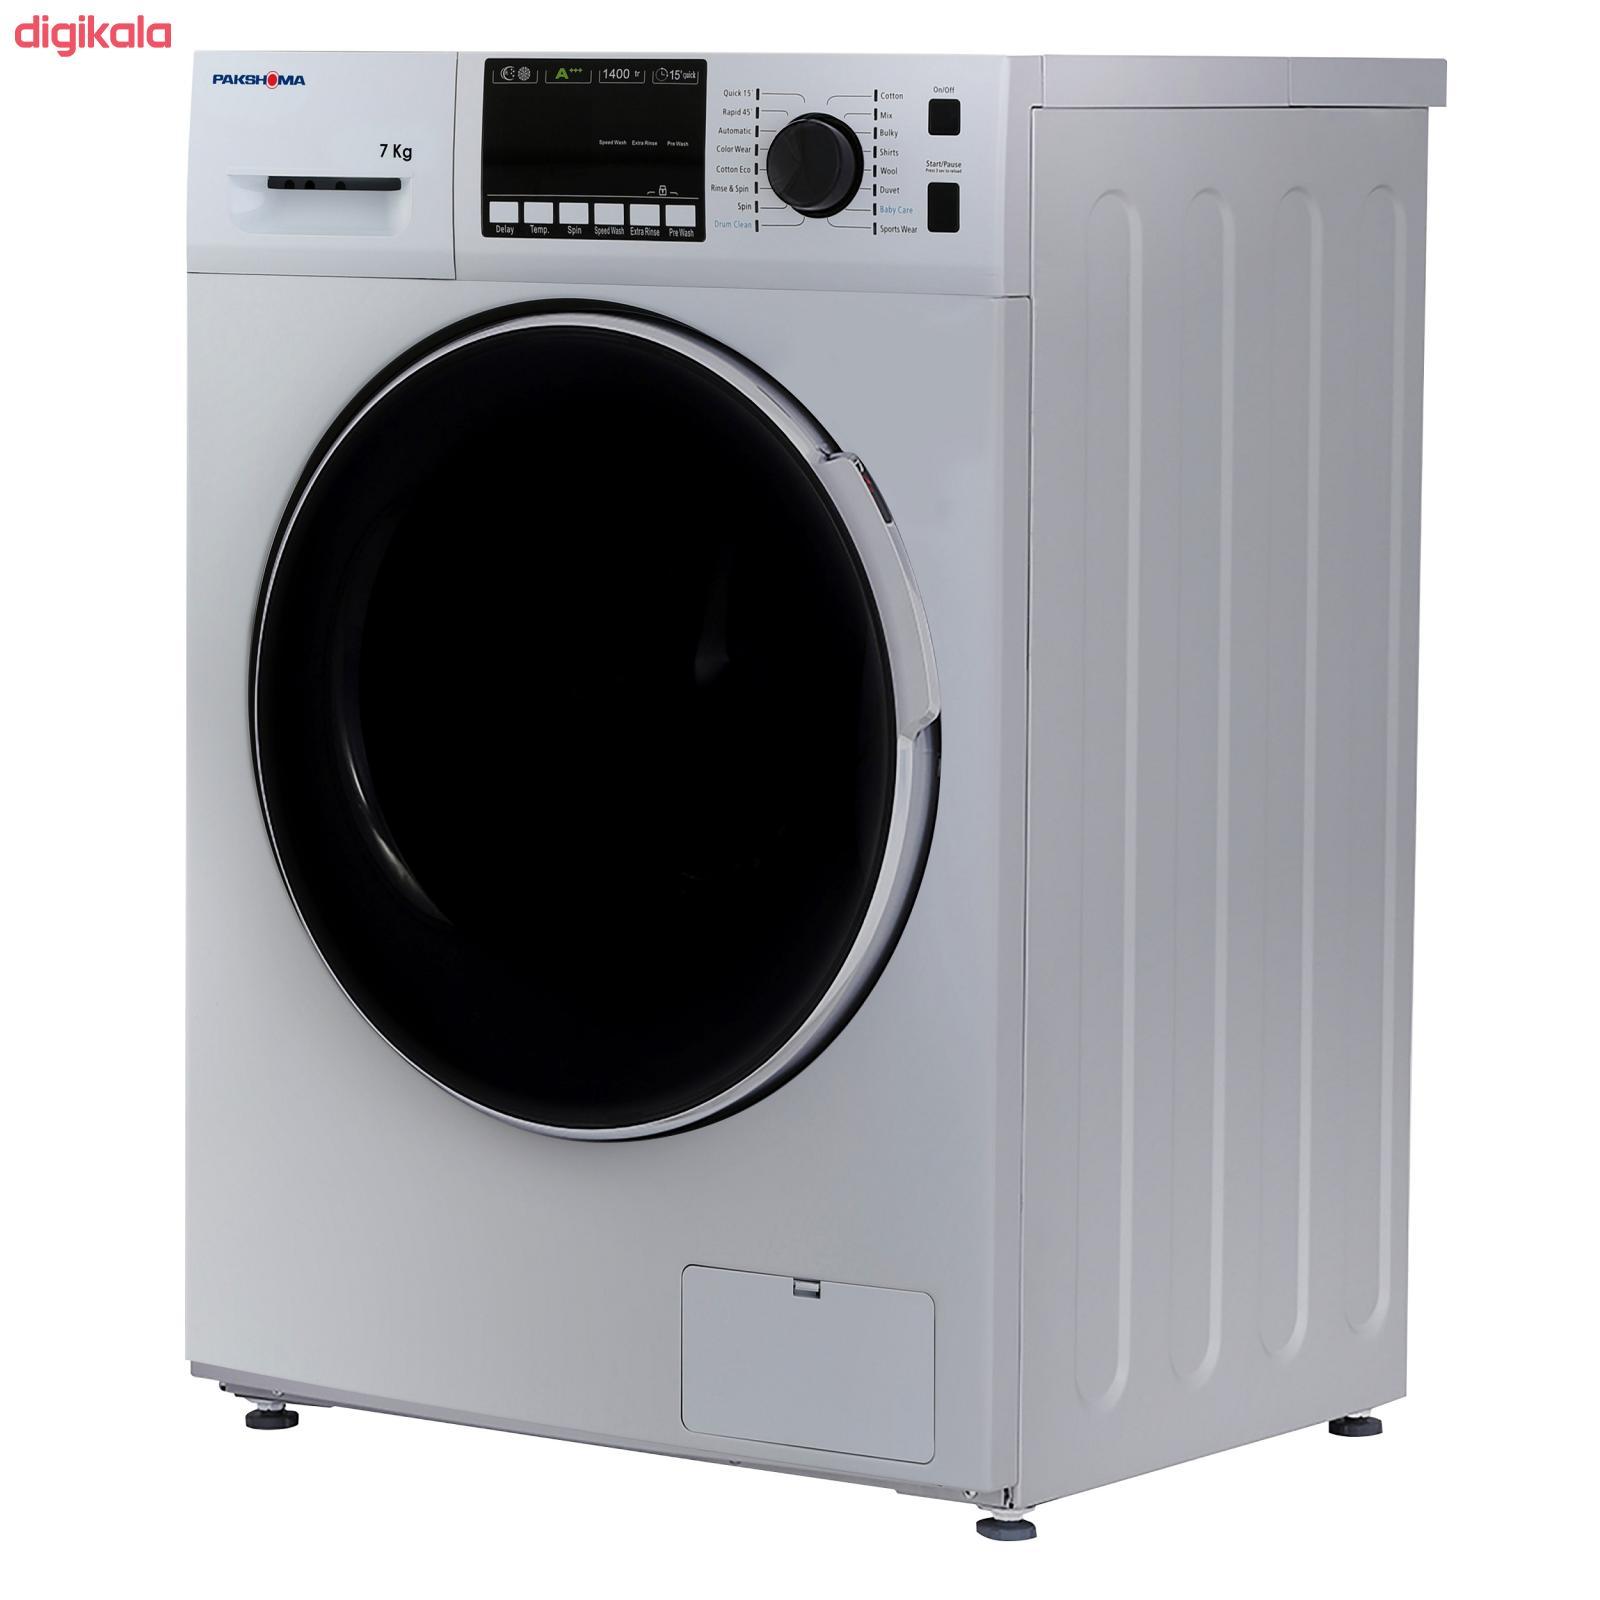 ماشین لباسشویی پاکشوما مدل TFU-74401 ظرفیت 7 کیلوگرم main 1 4